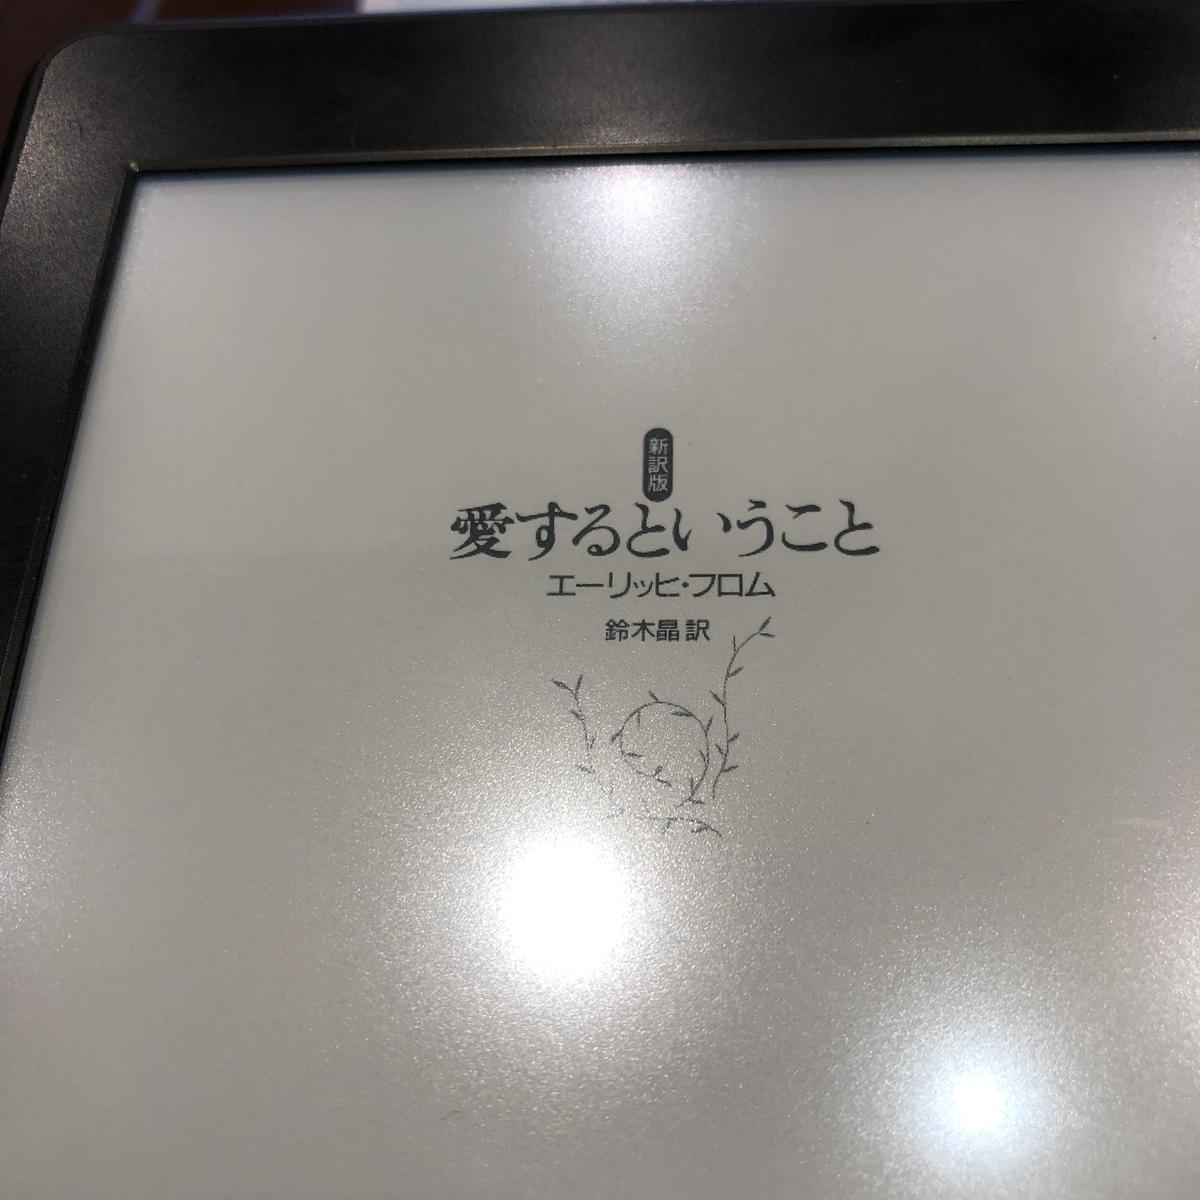 f:id:bobyuki:20200104145757j:plain